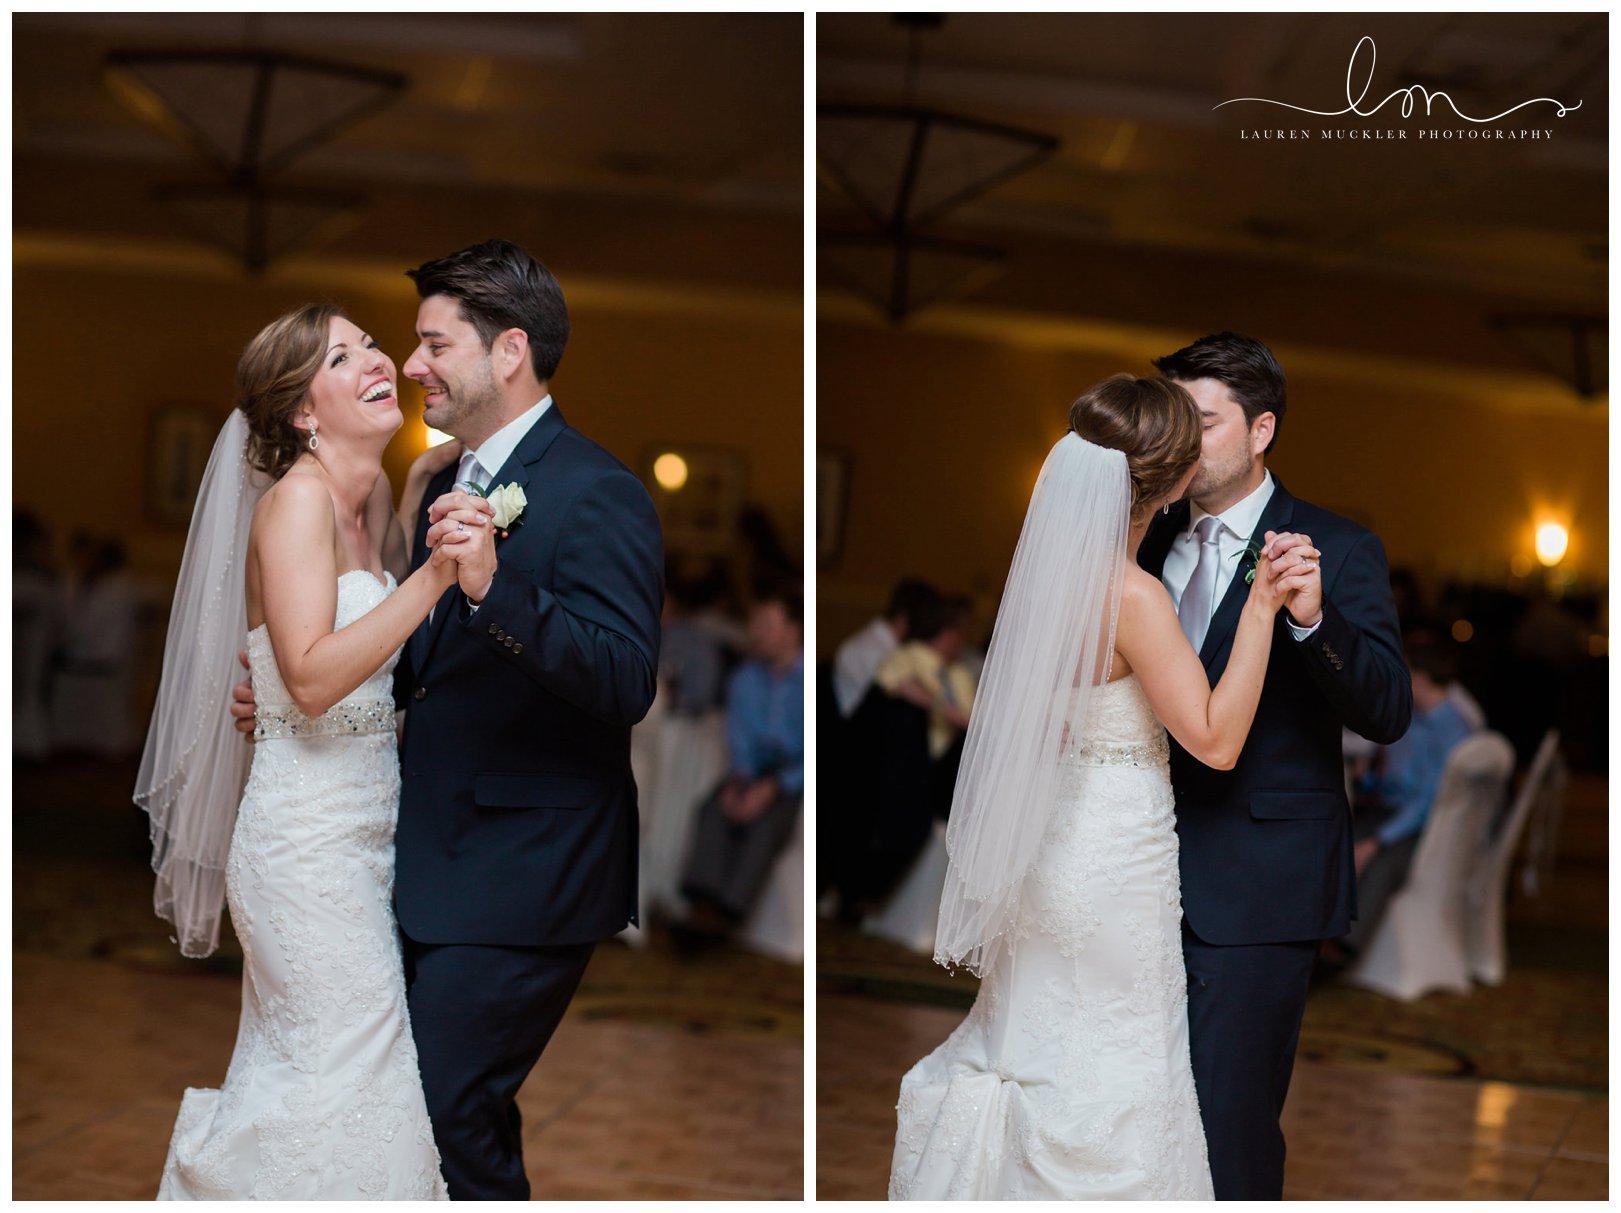 lauren muckler photography_fine art film wedding photography_st louis_photography_0026.jpg